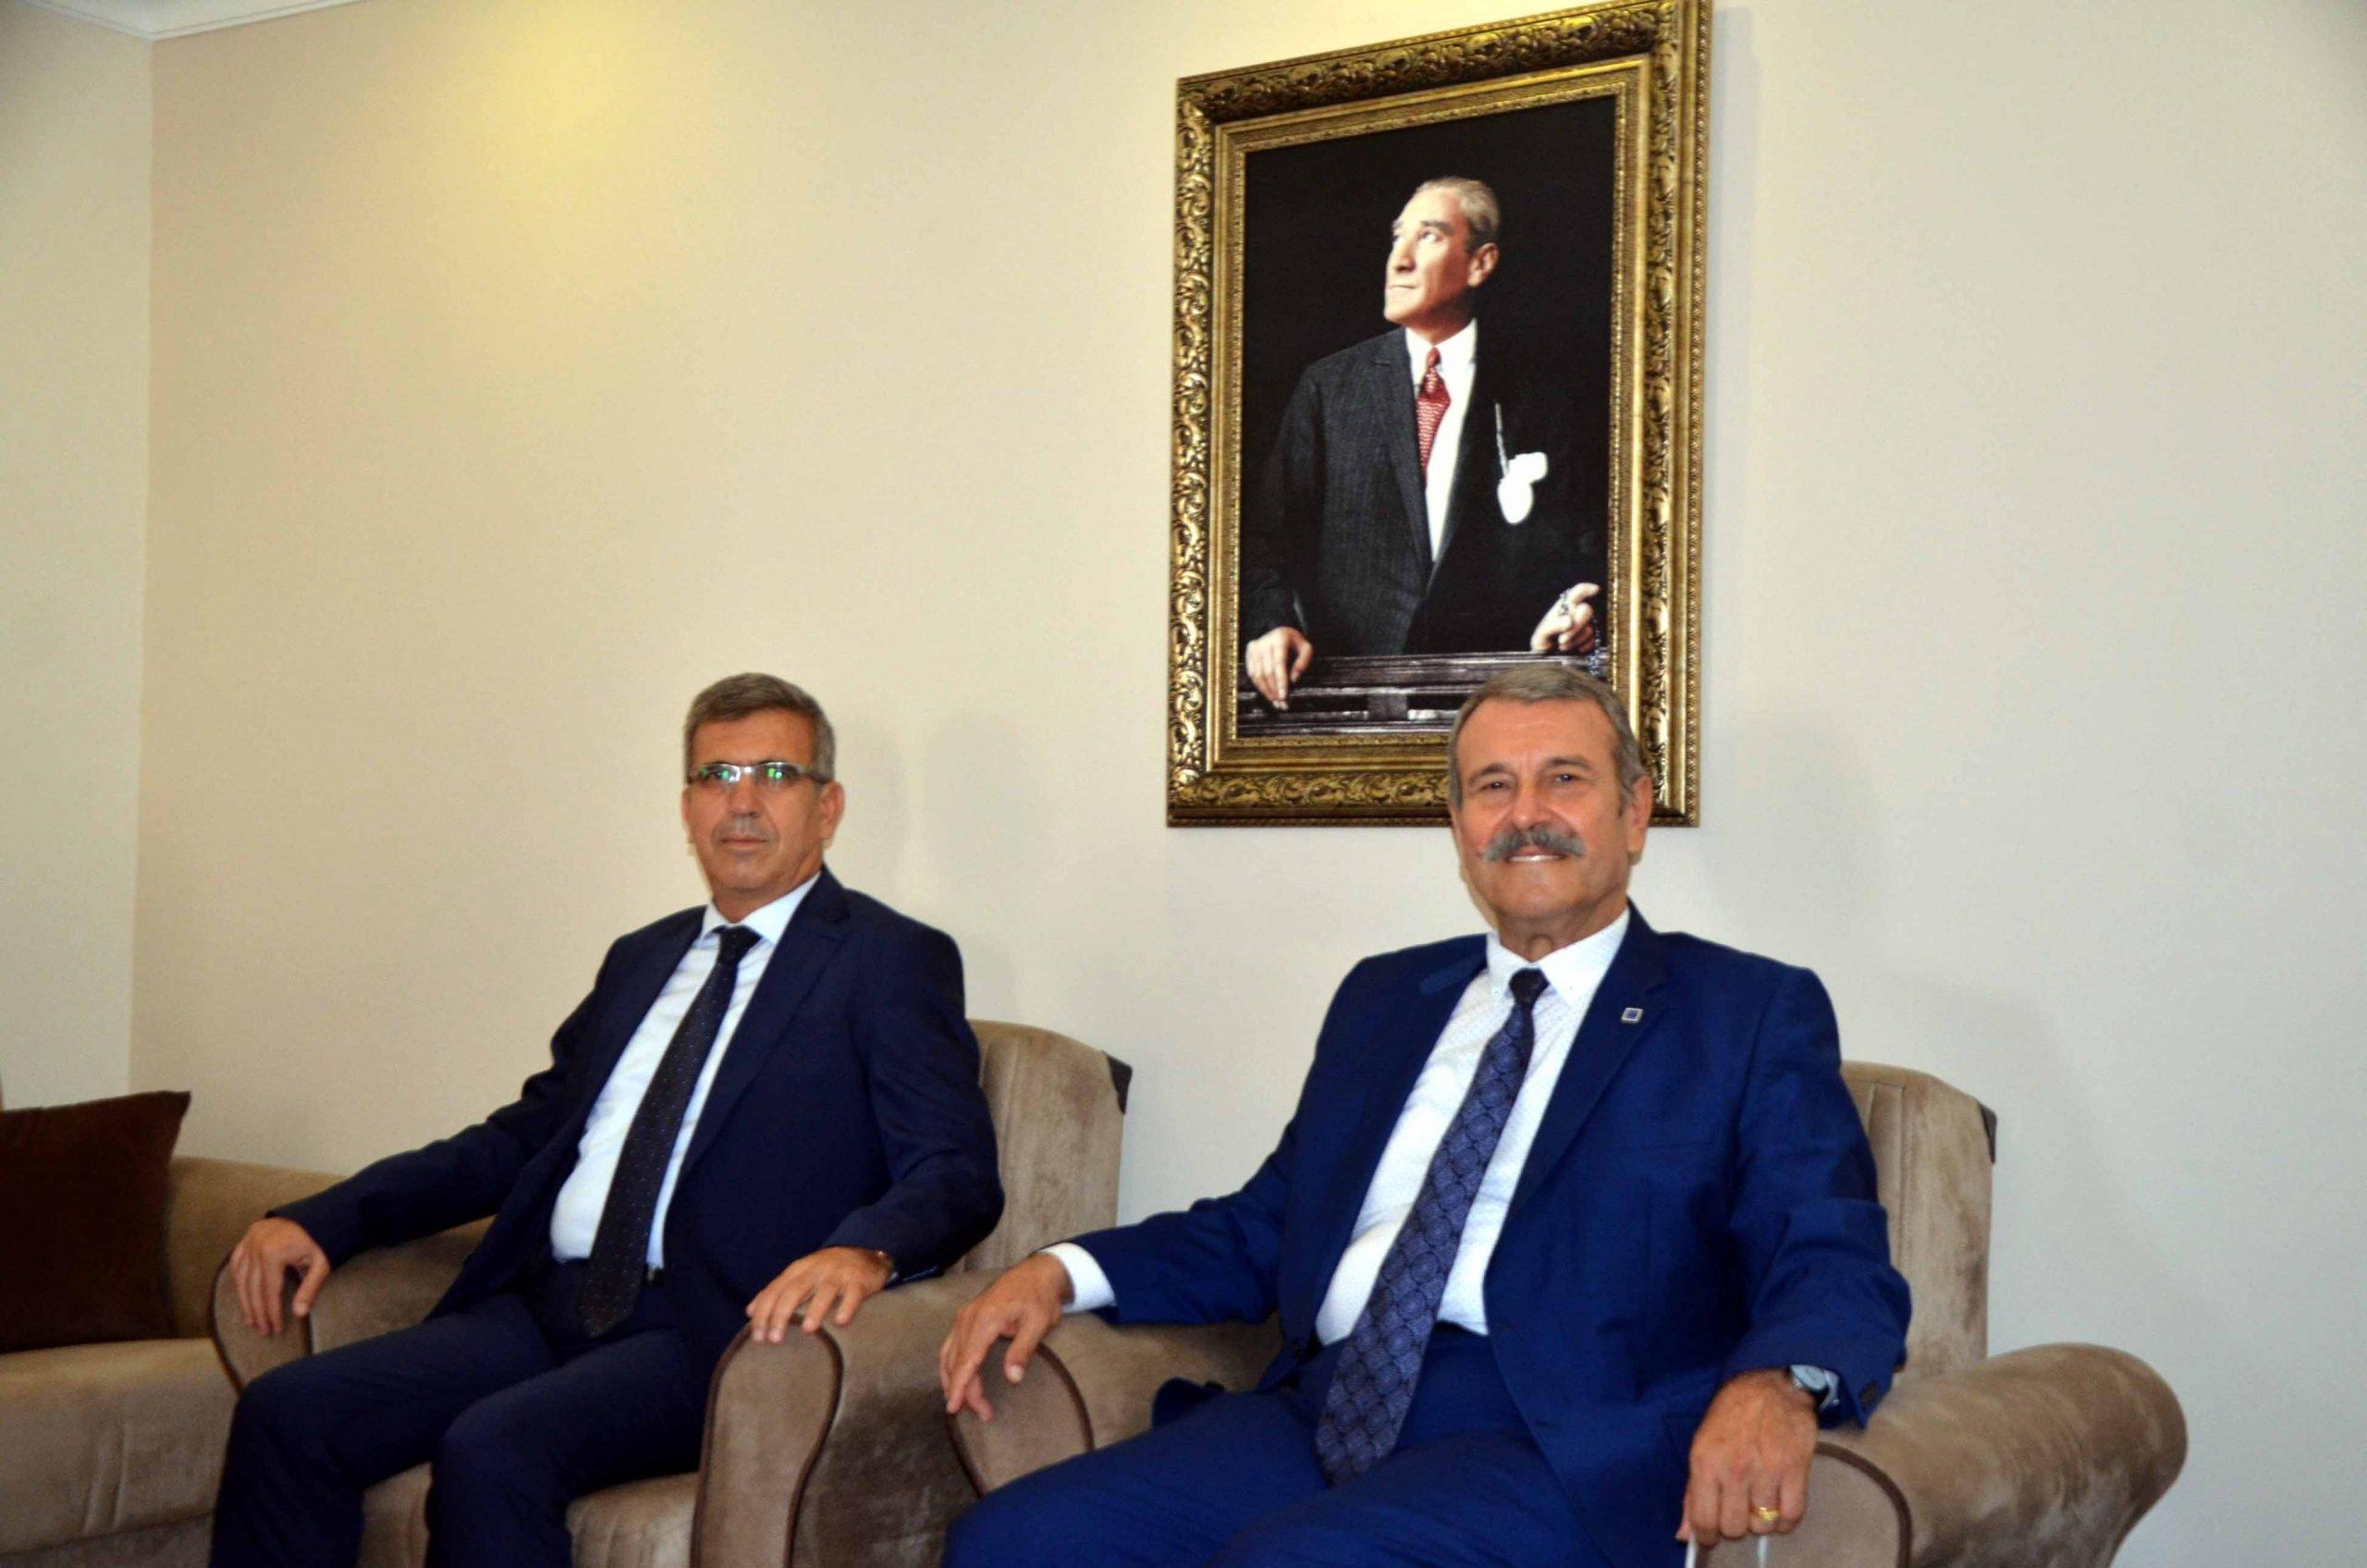 Hatay Vergi Dairesi Başkanı  Müsevitoğlu ve Vergi Dairesi Müdürlerinden Muhasebeciler Odasına Ziyaret